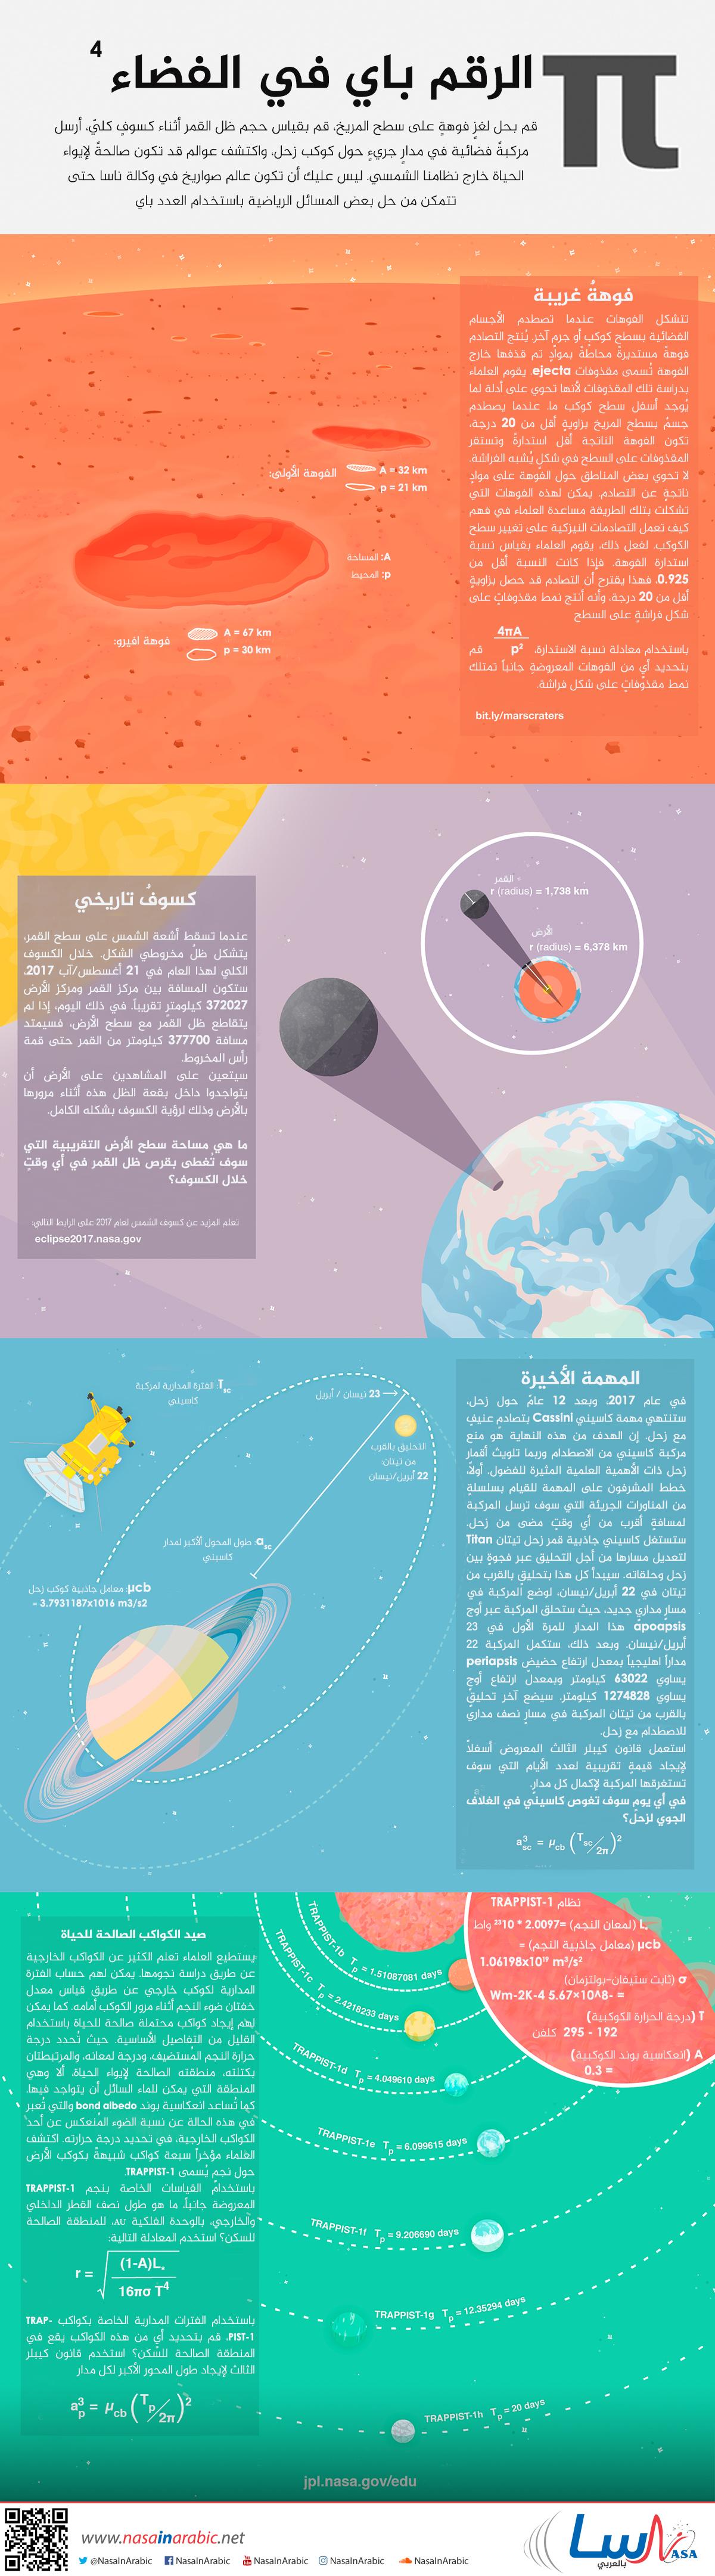 الرقم باي في الفضاء 4